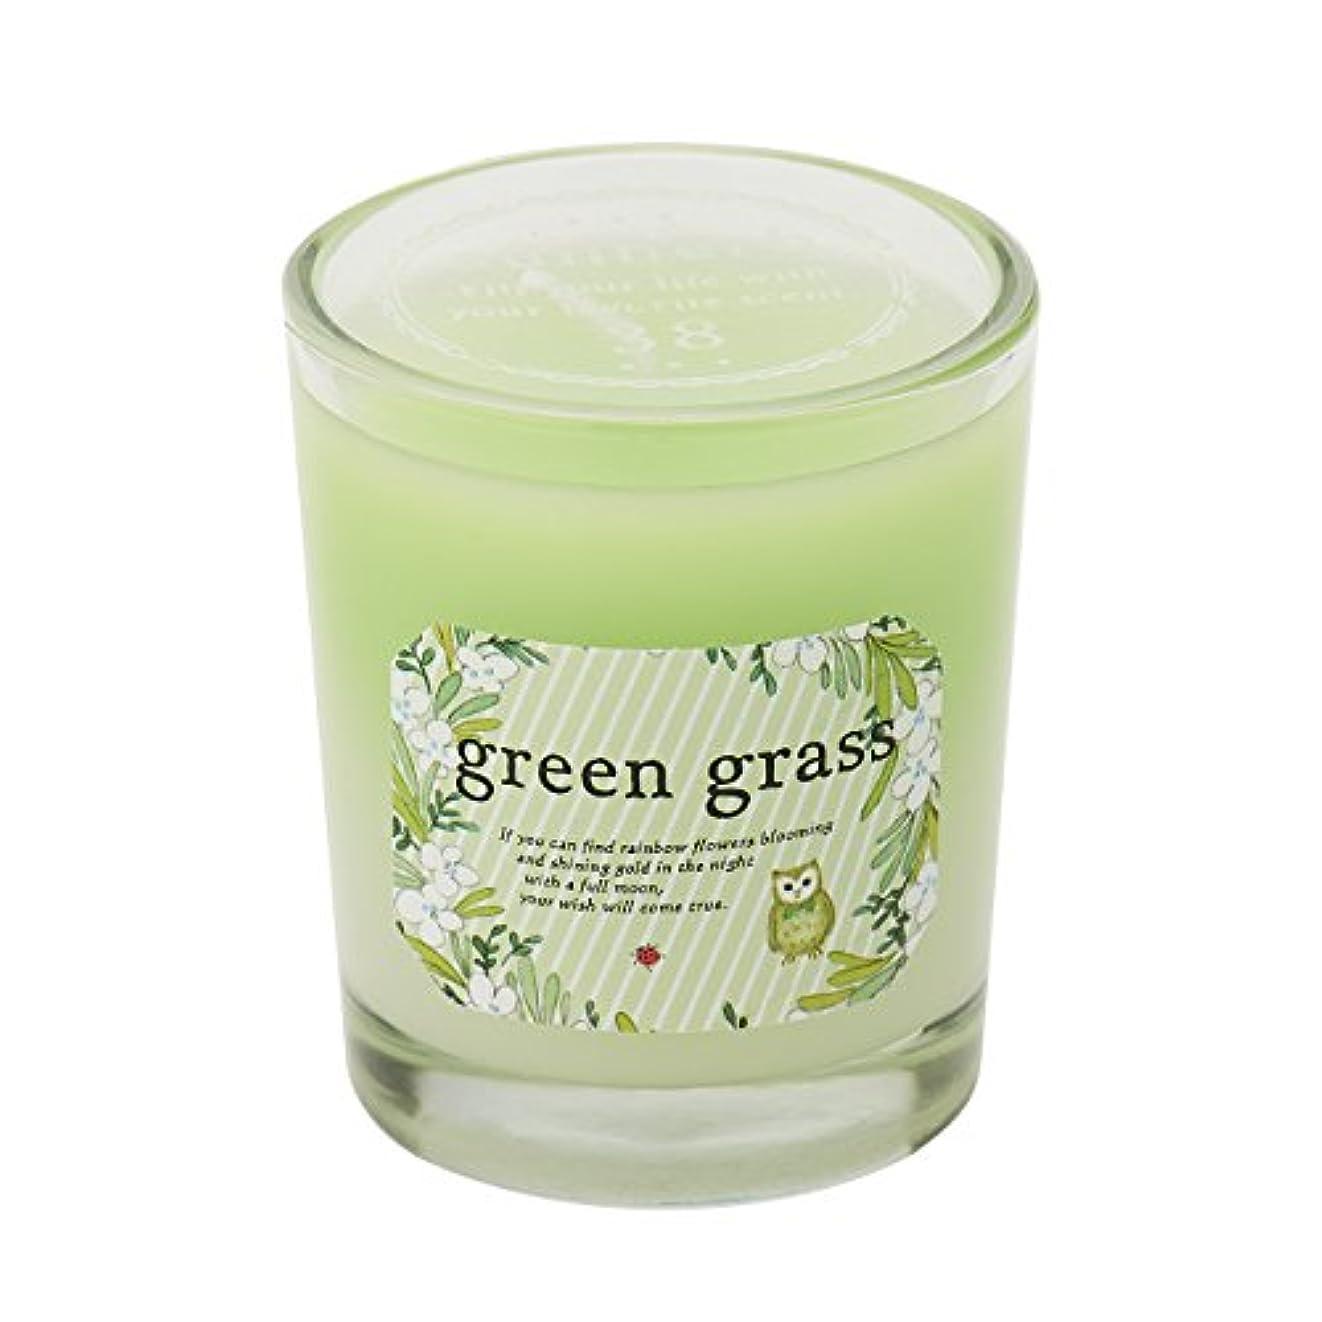 おとうさん膨らませる誕生サンハーブ グラスキャンドル グリーングラス 35g(グラデーションろうそく 燃焼時間約10時間 爽やかでちょっと大人の香り)